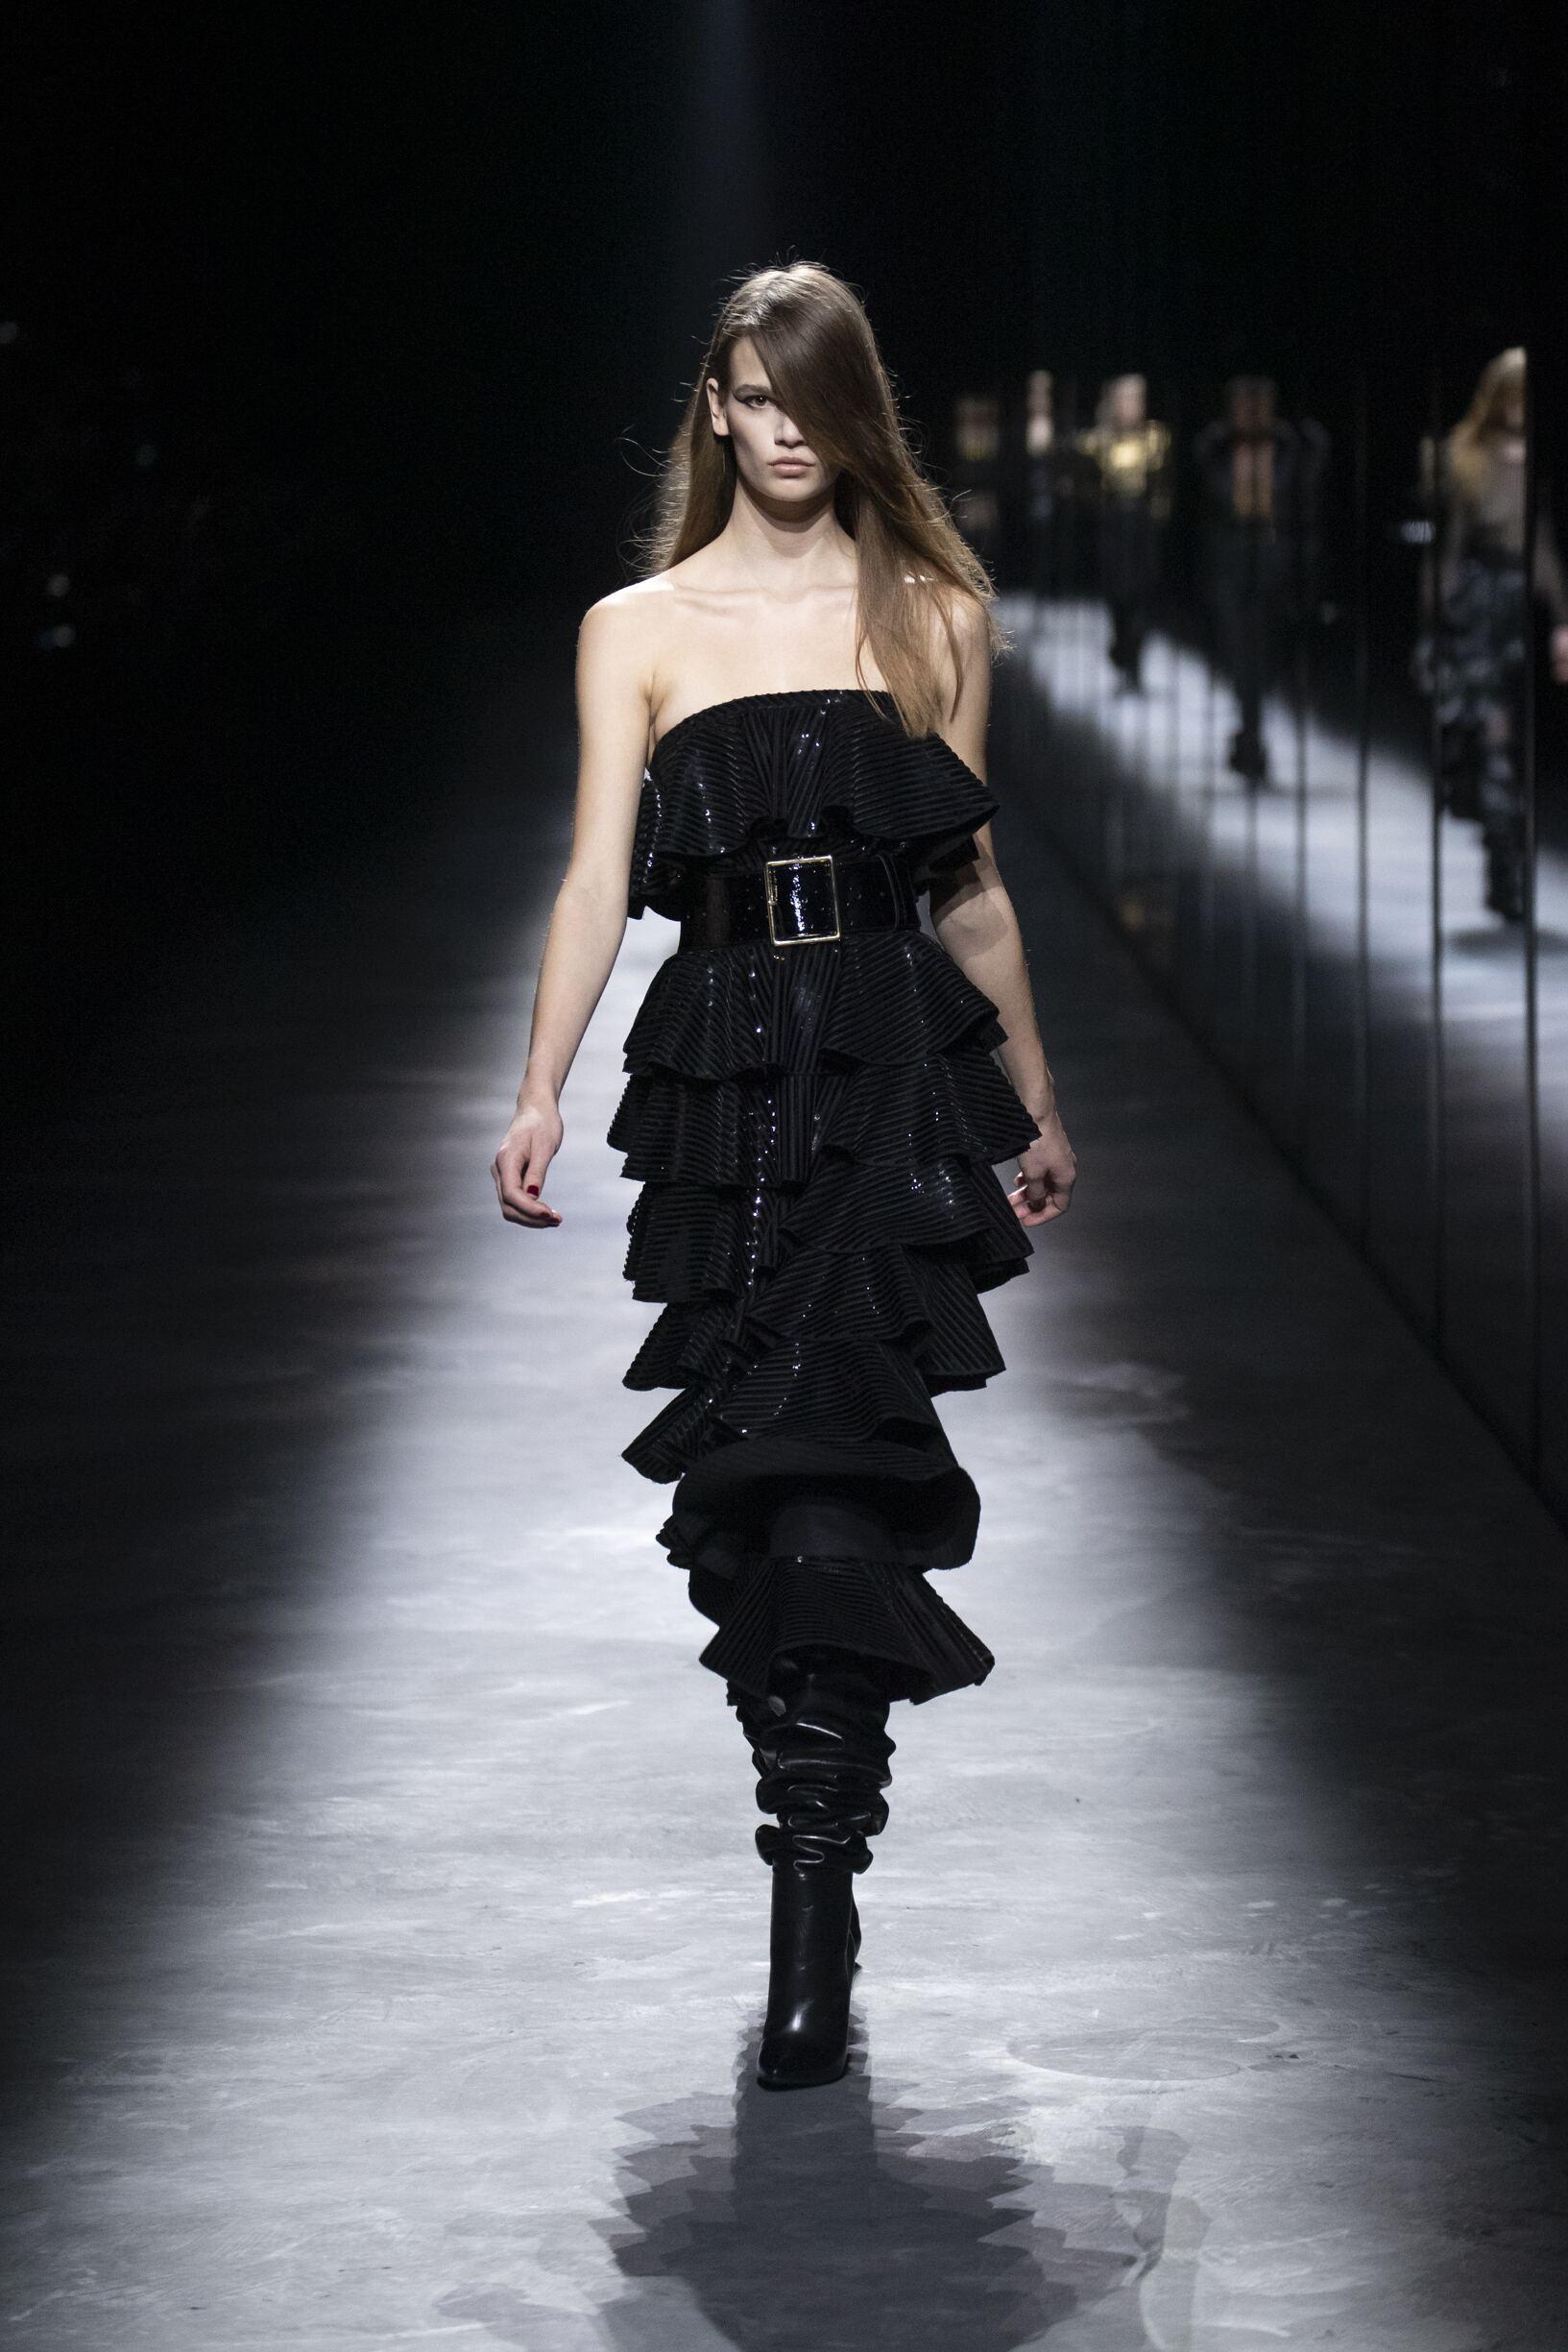 Catwalk Saint Laurent Woman Fashion Show Winter 2019